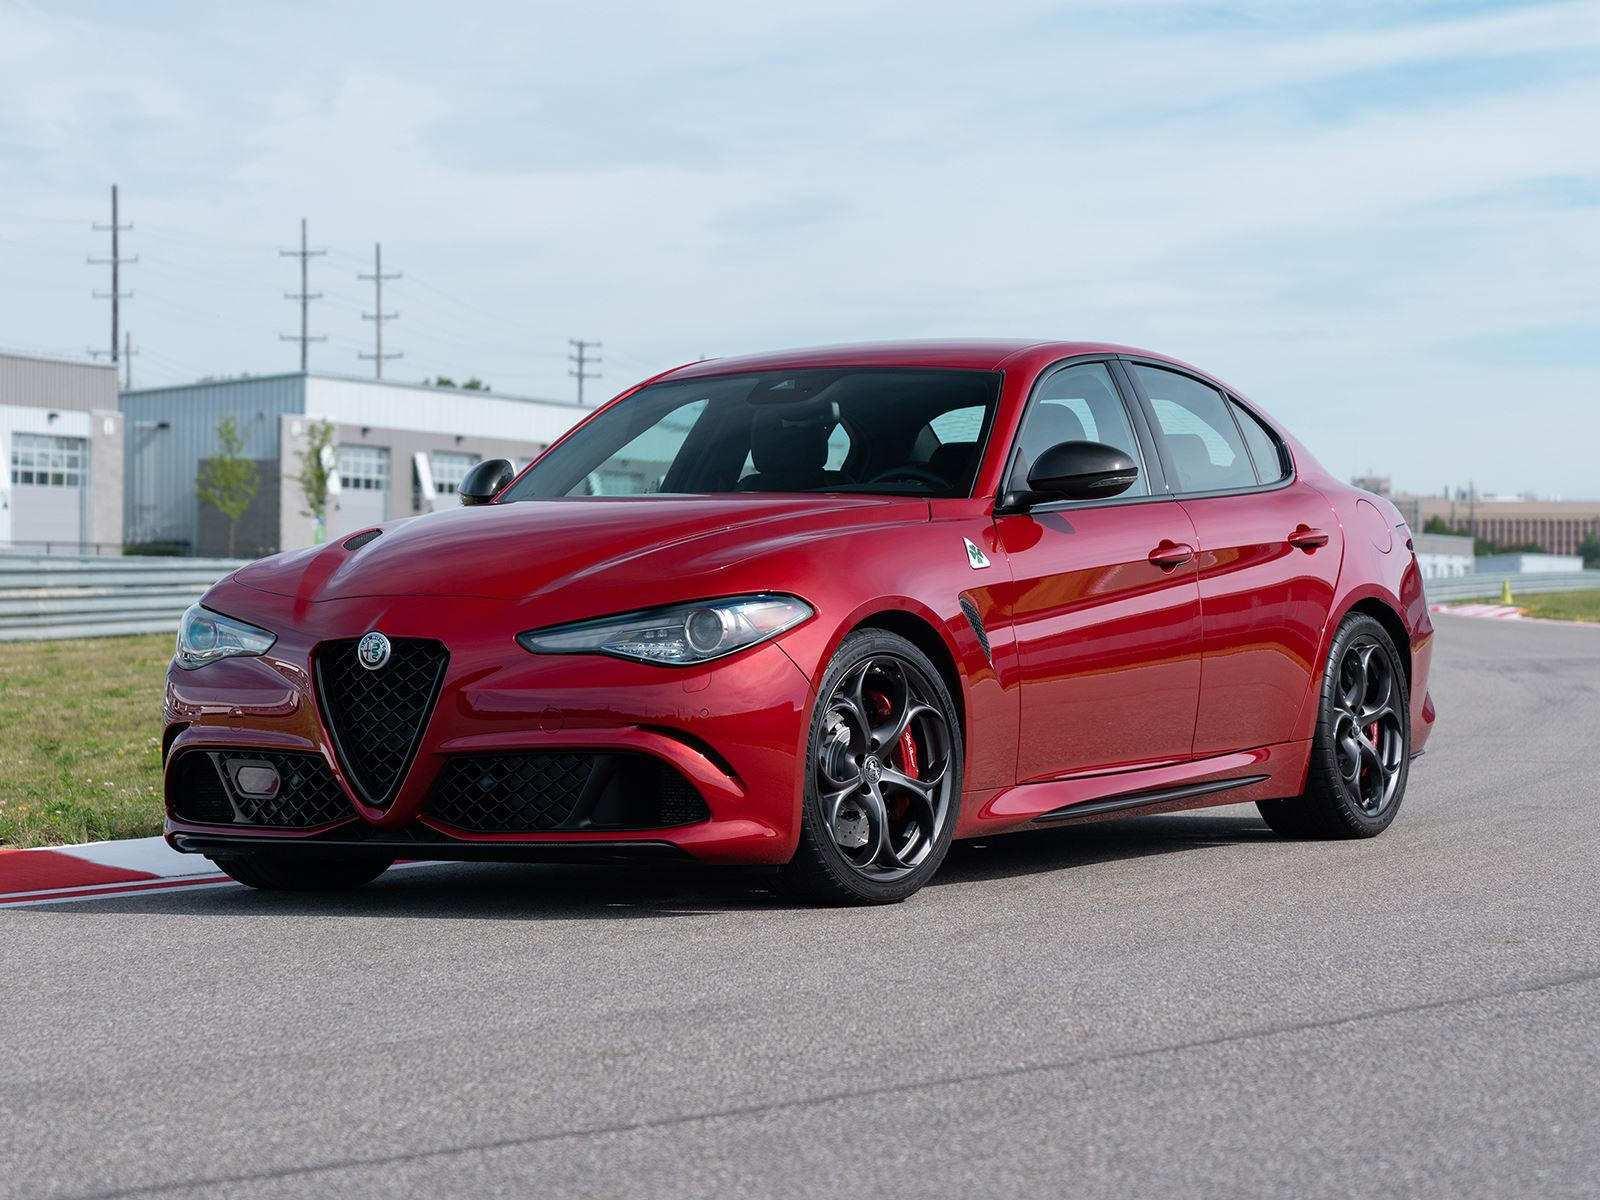 79 Great 2019 Alfa Romeo Giulietta Research New for 2019 Alfa Romeo Giulietta